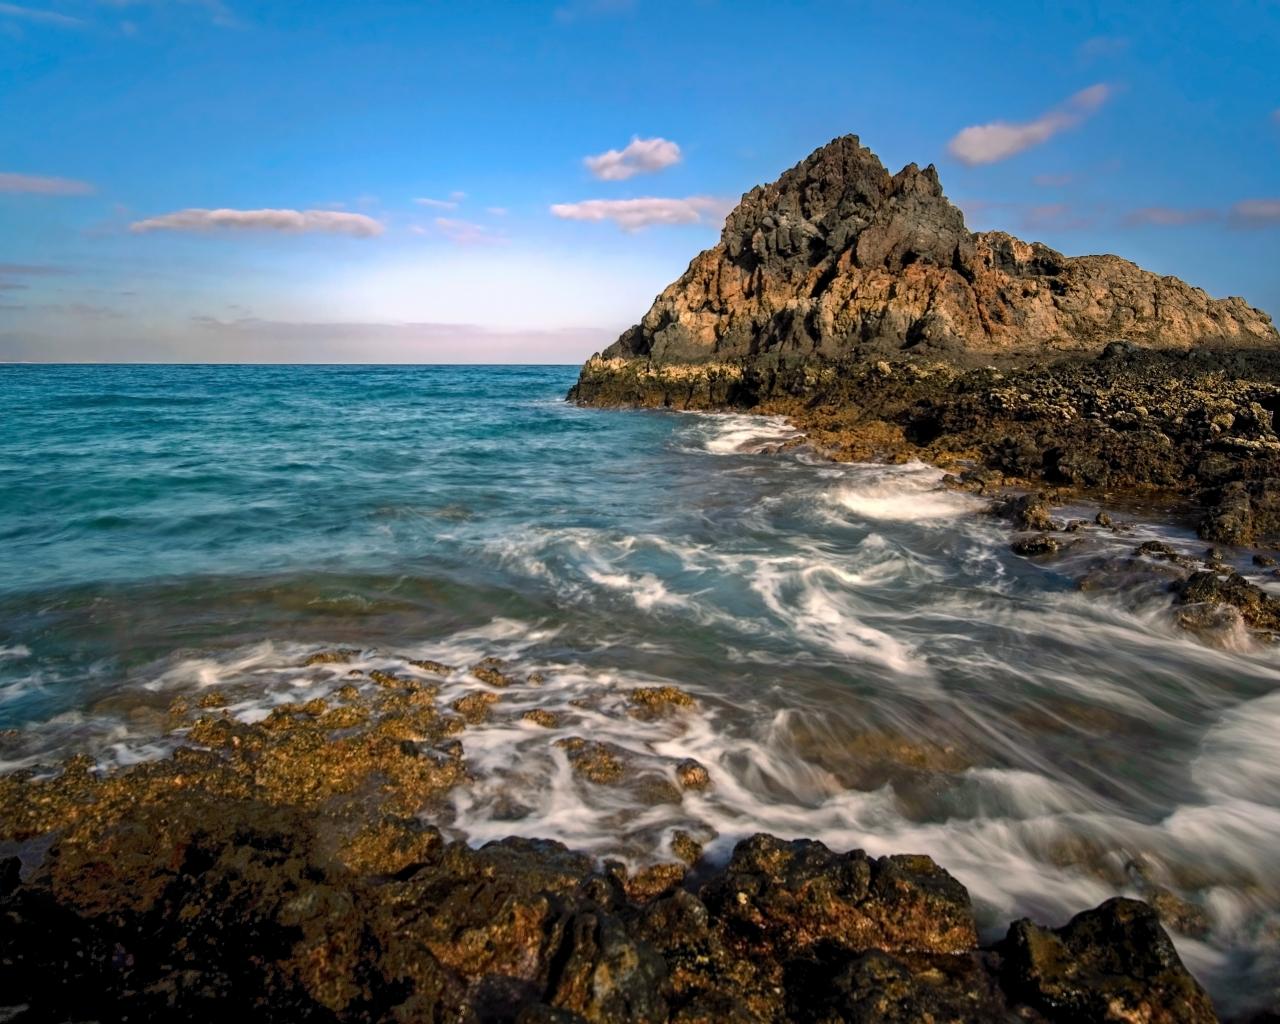 Isla de Lobos en España - 1280x1024